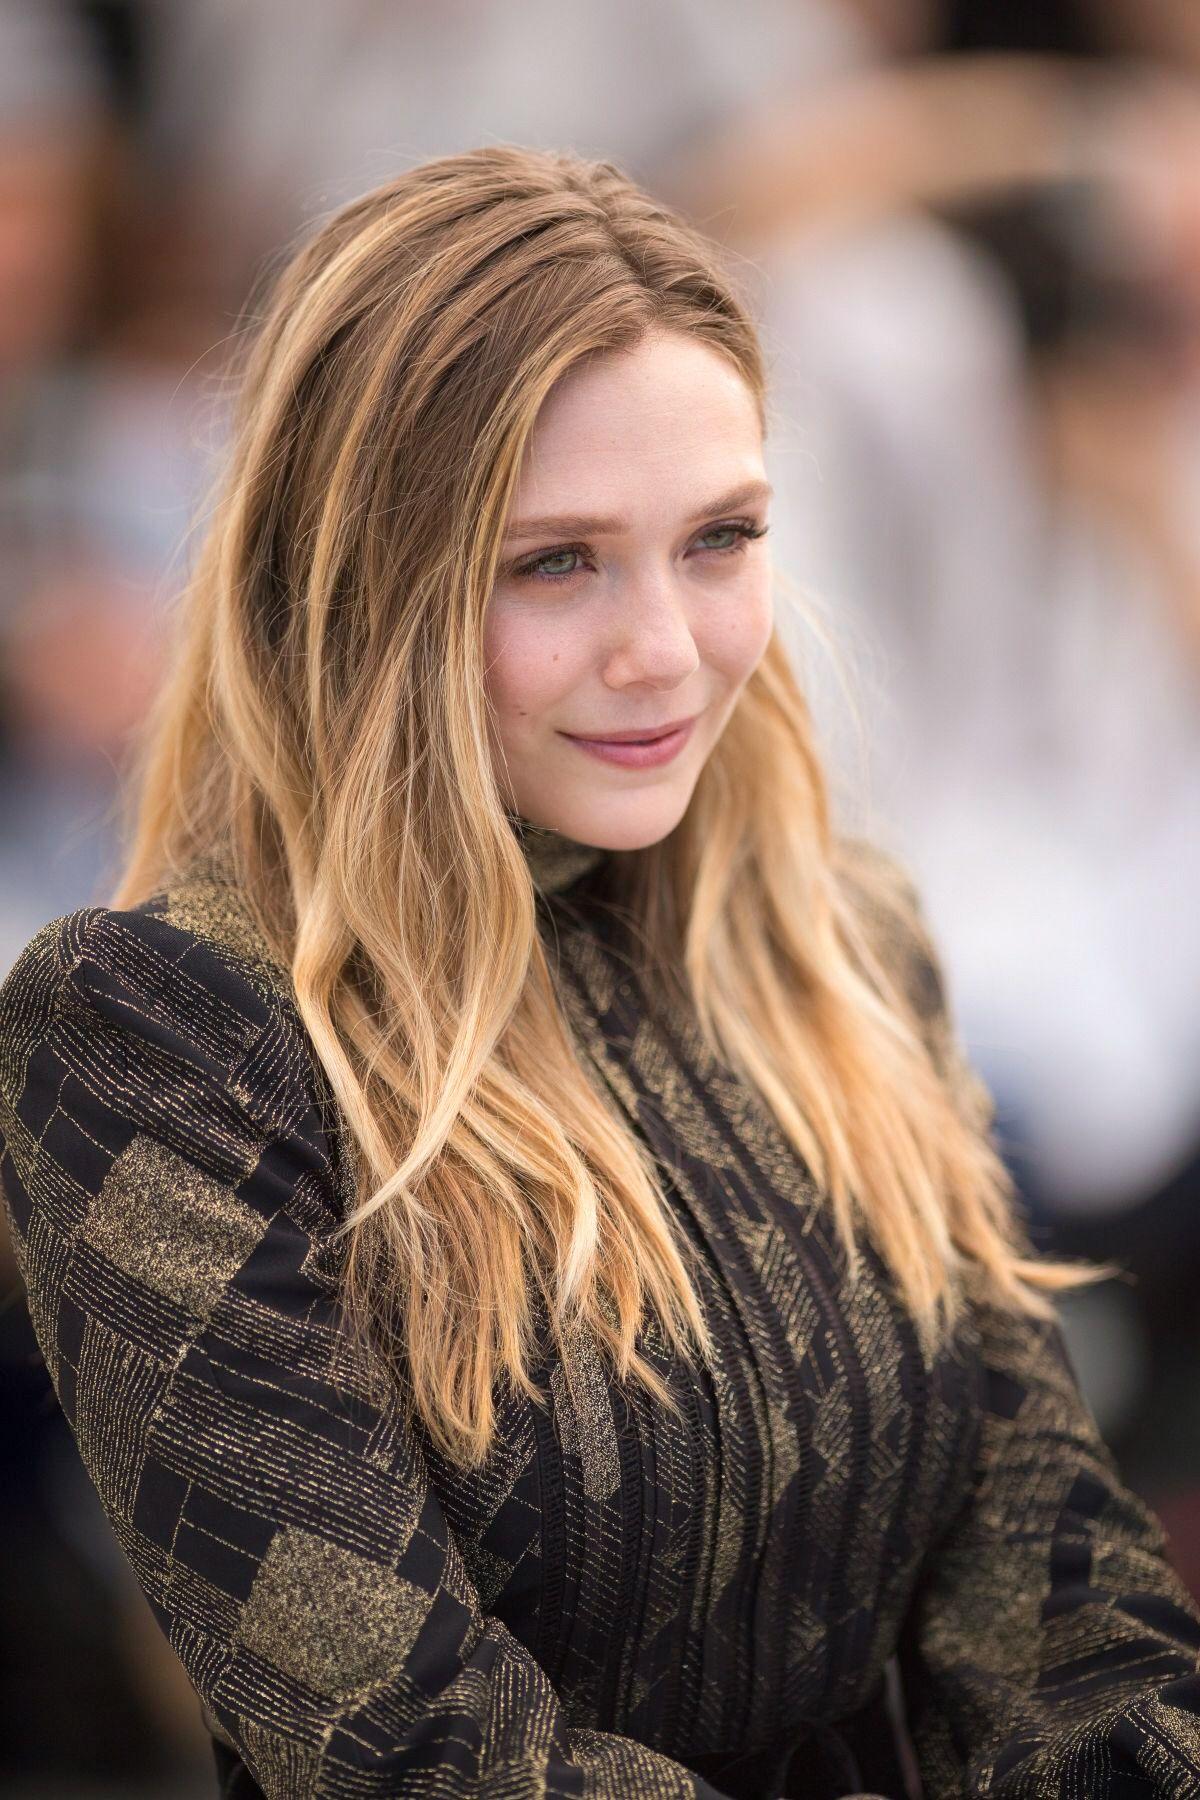 Elizabeth Olsen Is Soft Effortless At Cannes, Get TheLook Elizabeth Olsen Is Soft Effortless At Cannes, Get TheLook new picture